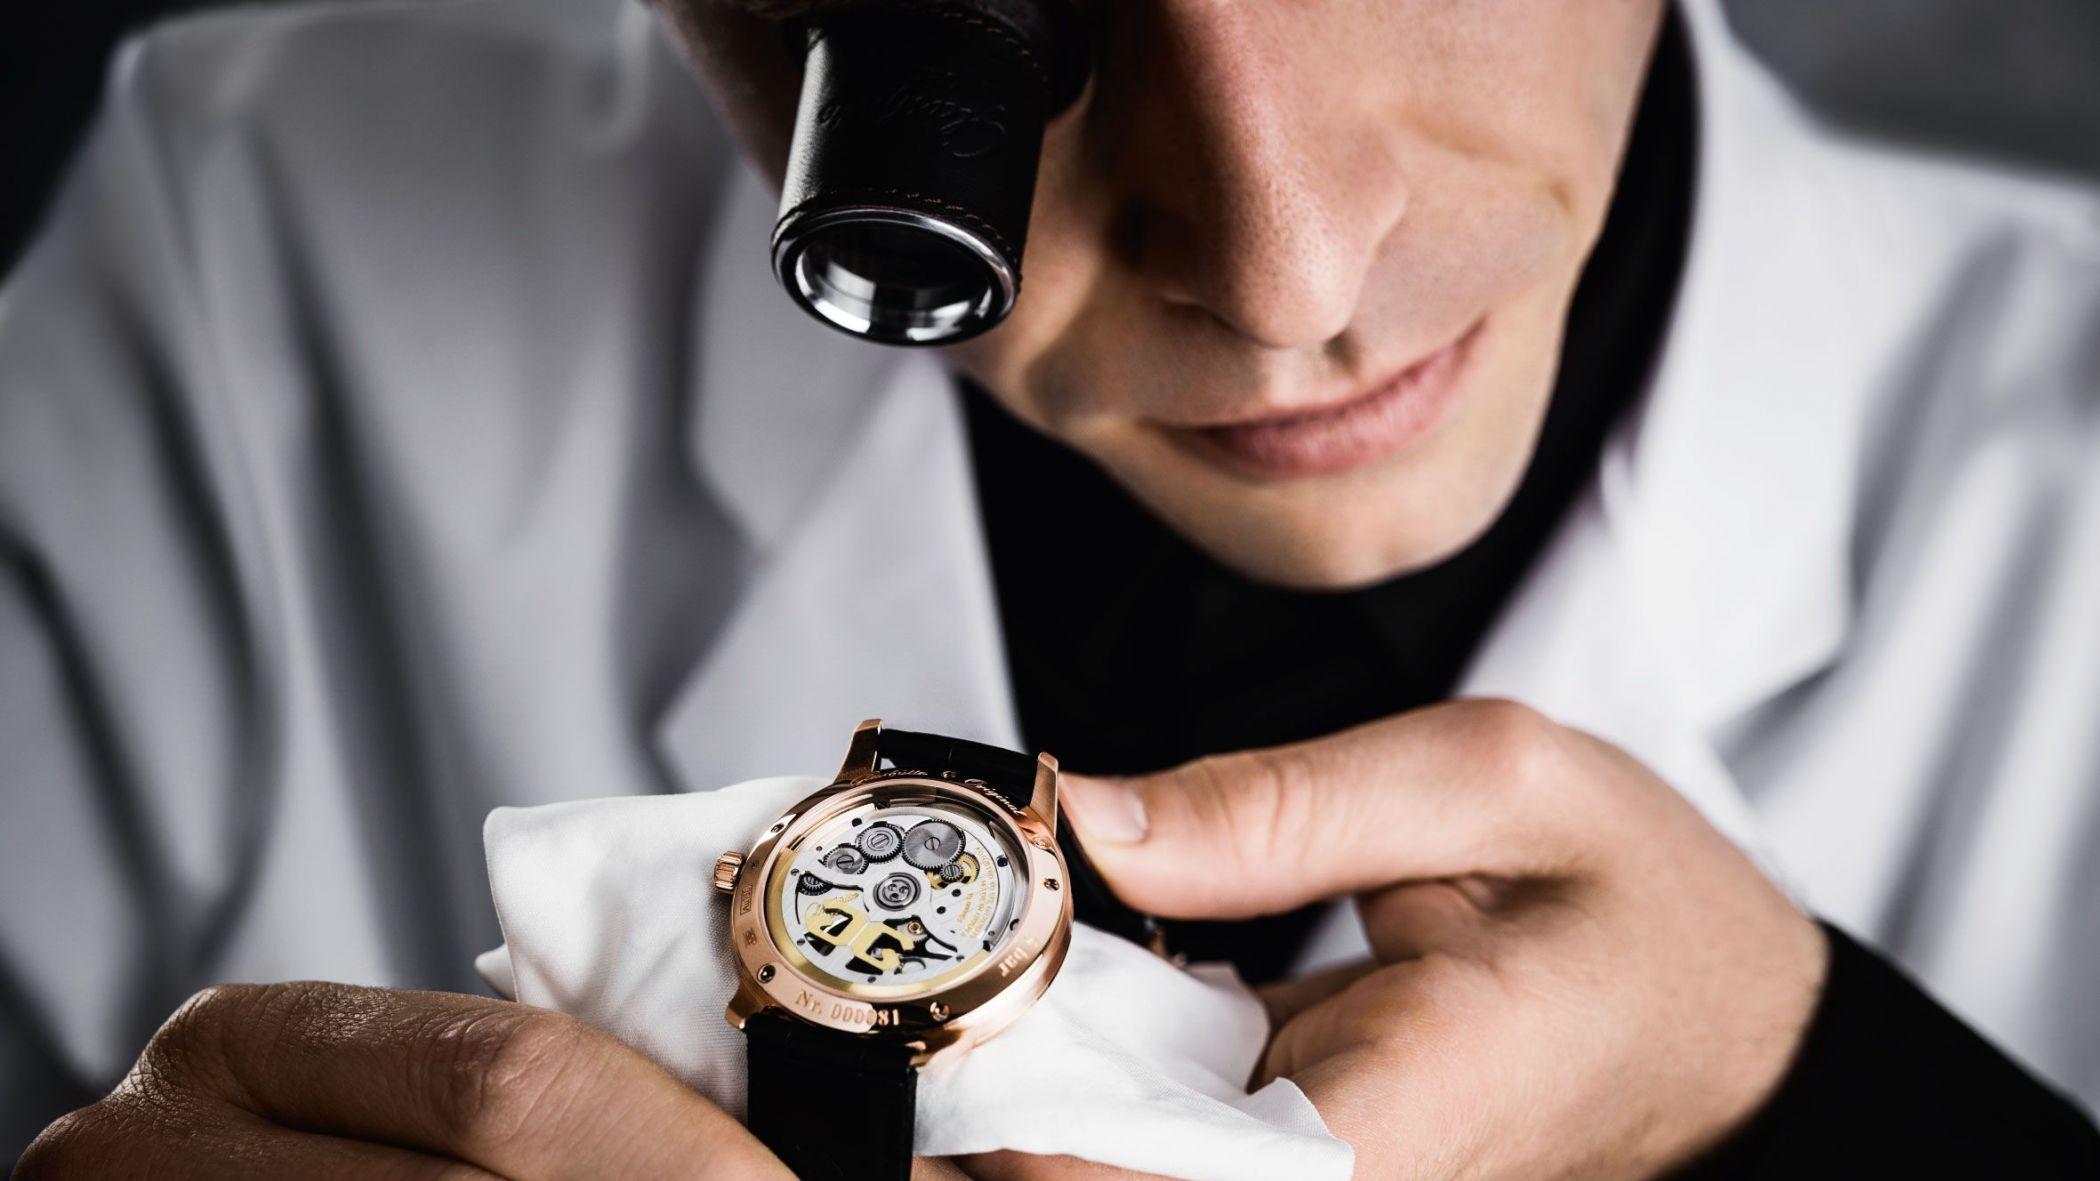 Швейцарских челябинск выкуп часов ломбард витебск в часы